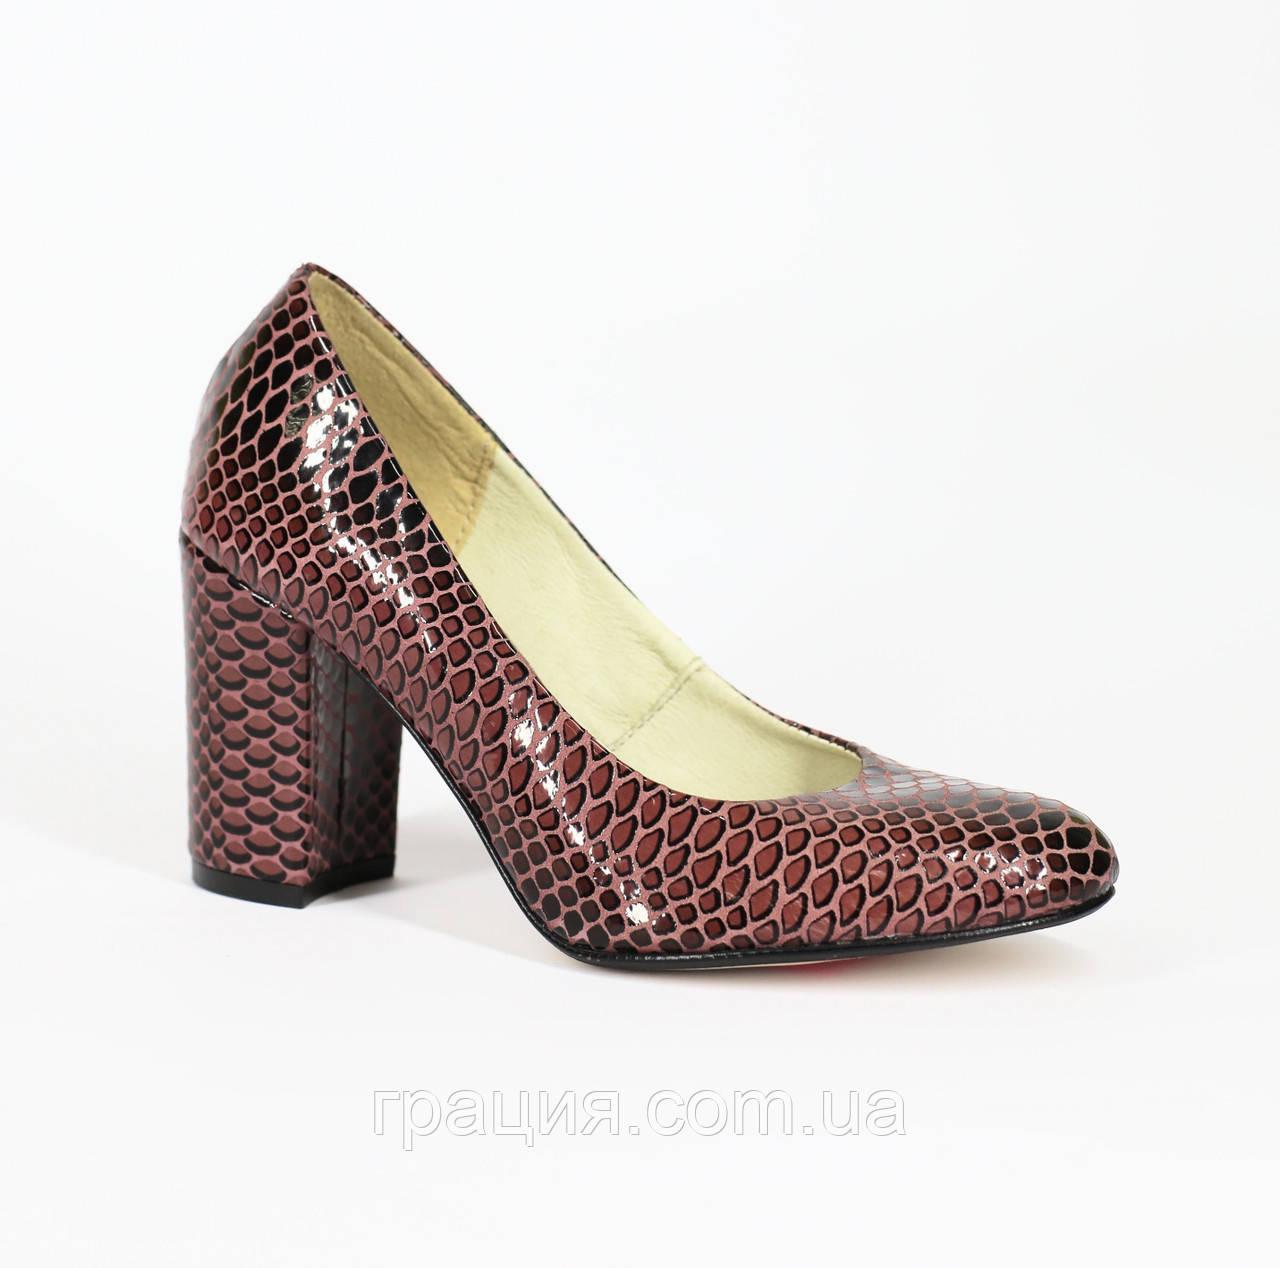 Туфли лаковые женские натуральные на каблуке